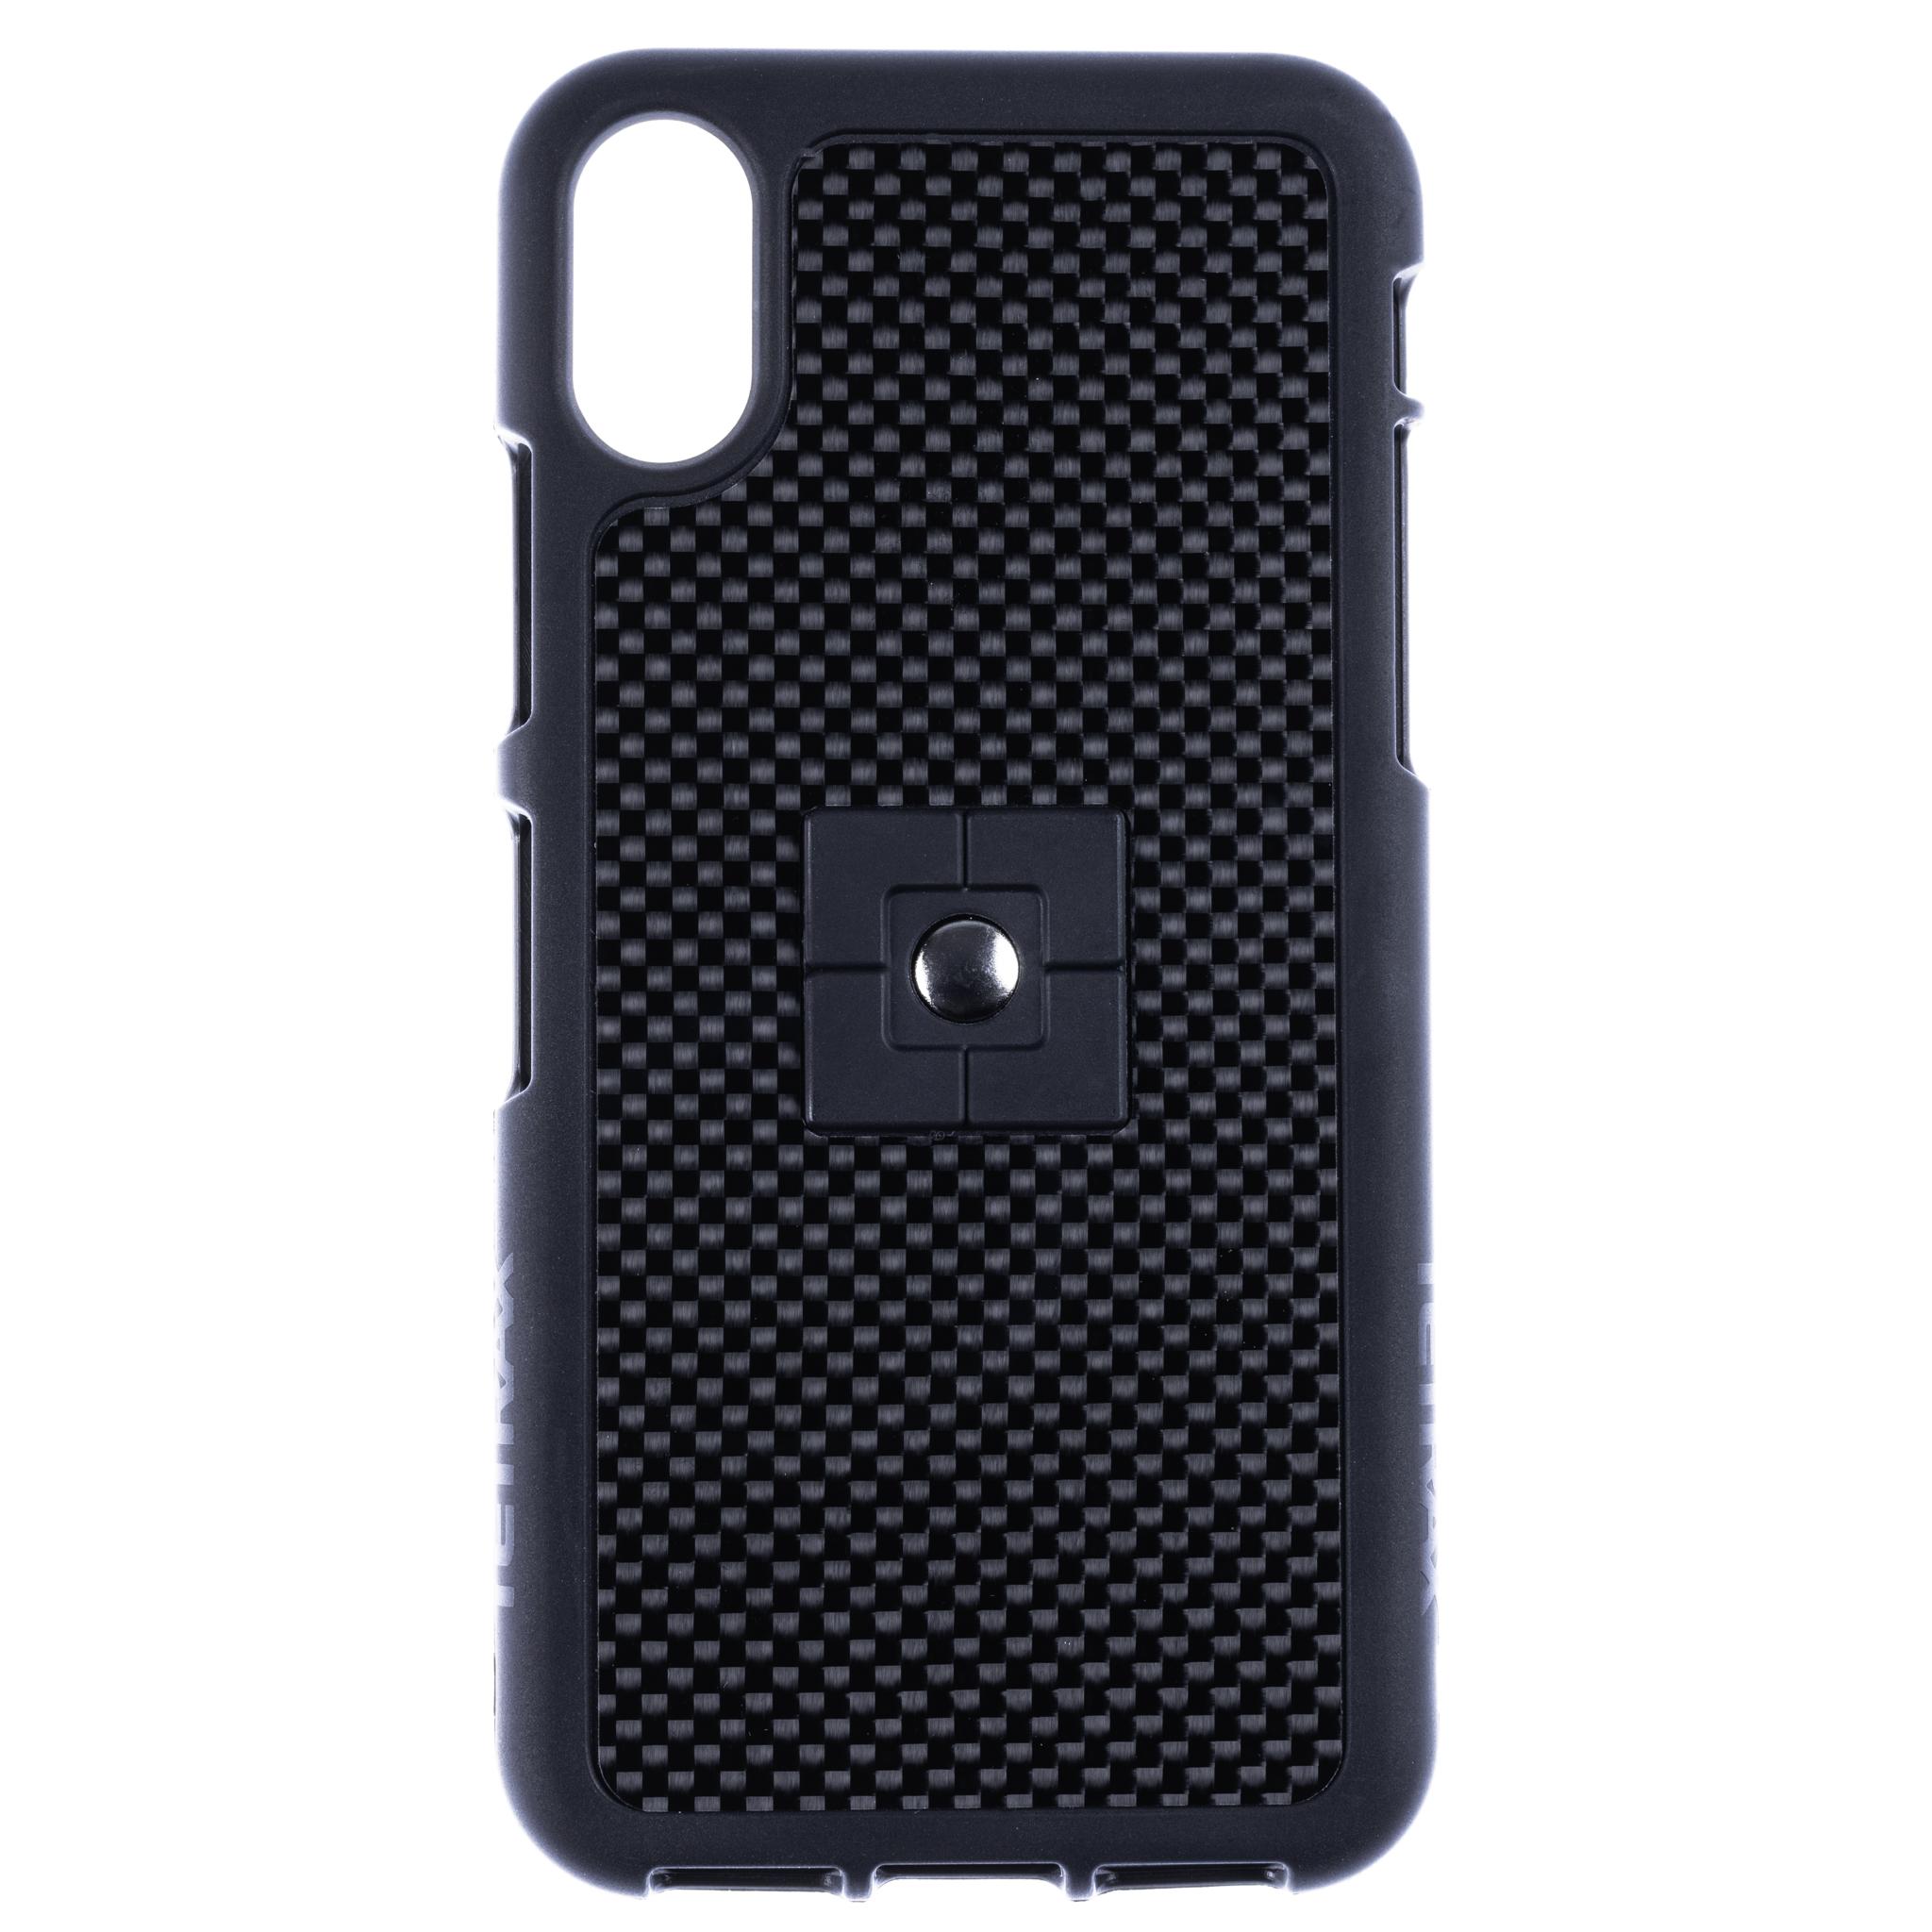 iPhone X Carbon Fibre Case with Clip